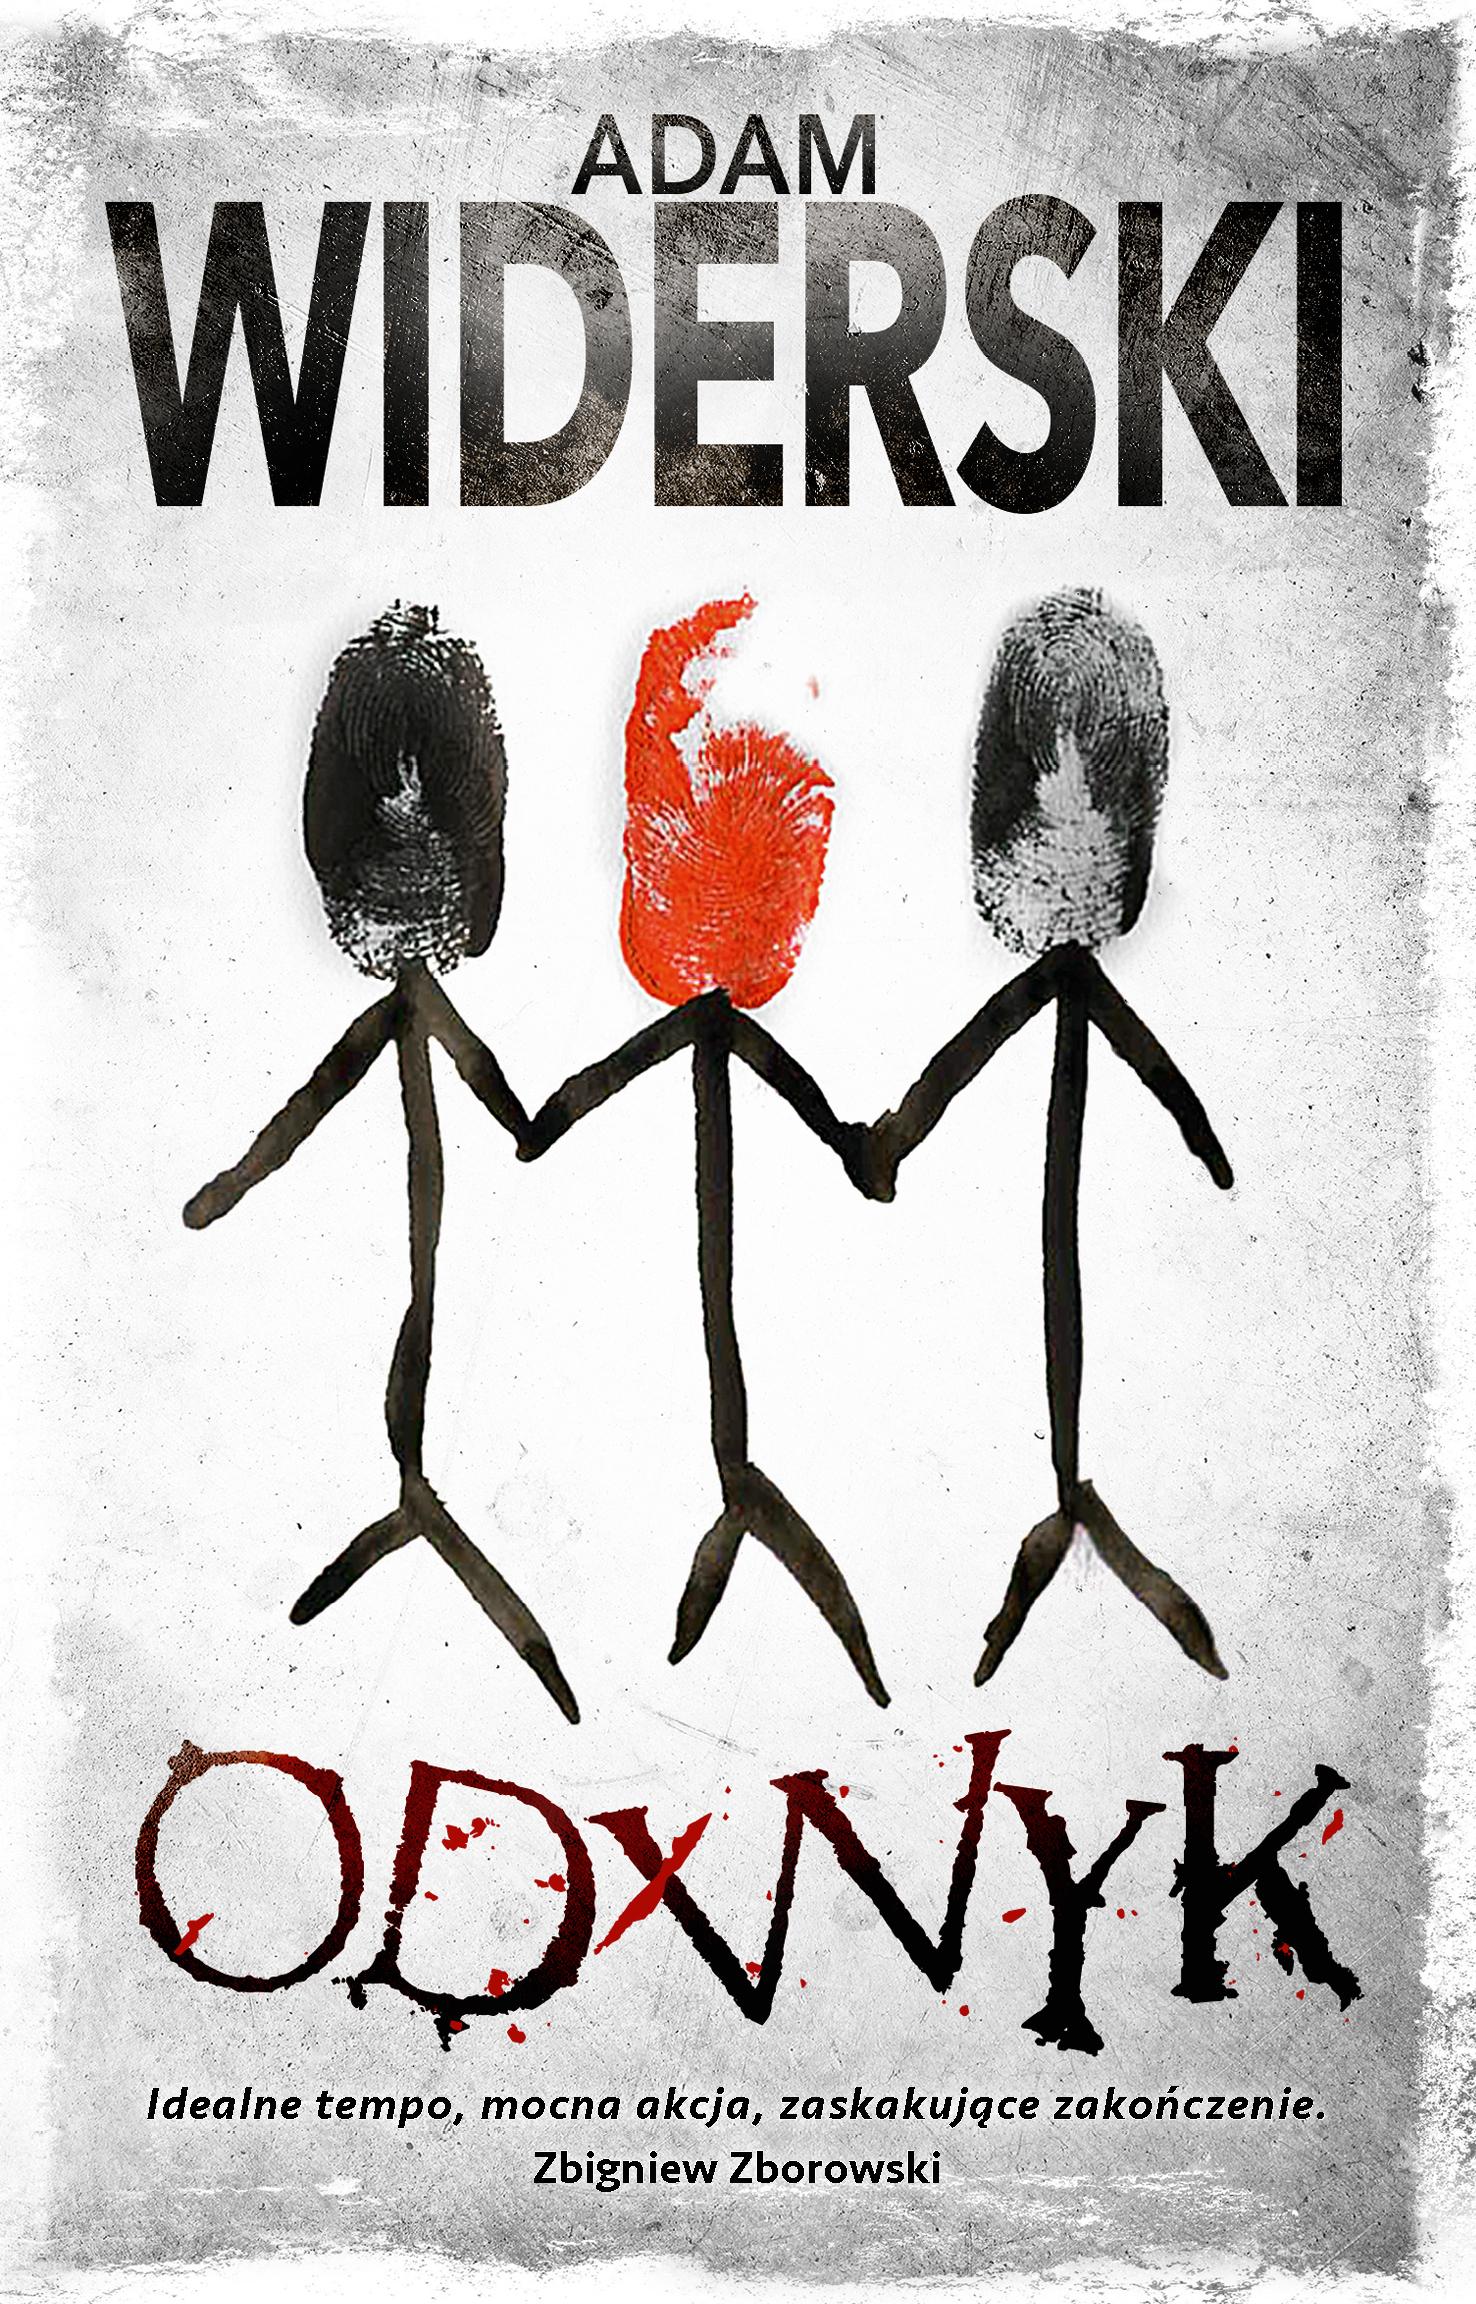 Odwyk Adam Widerski Wydawnictwo Initium